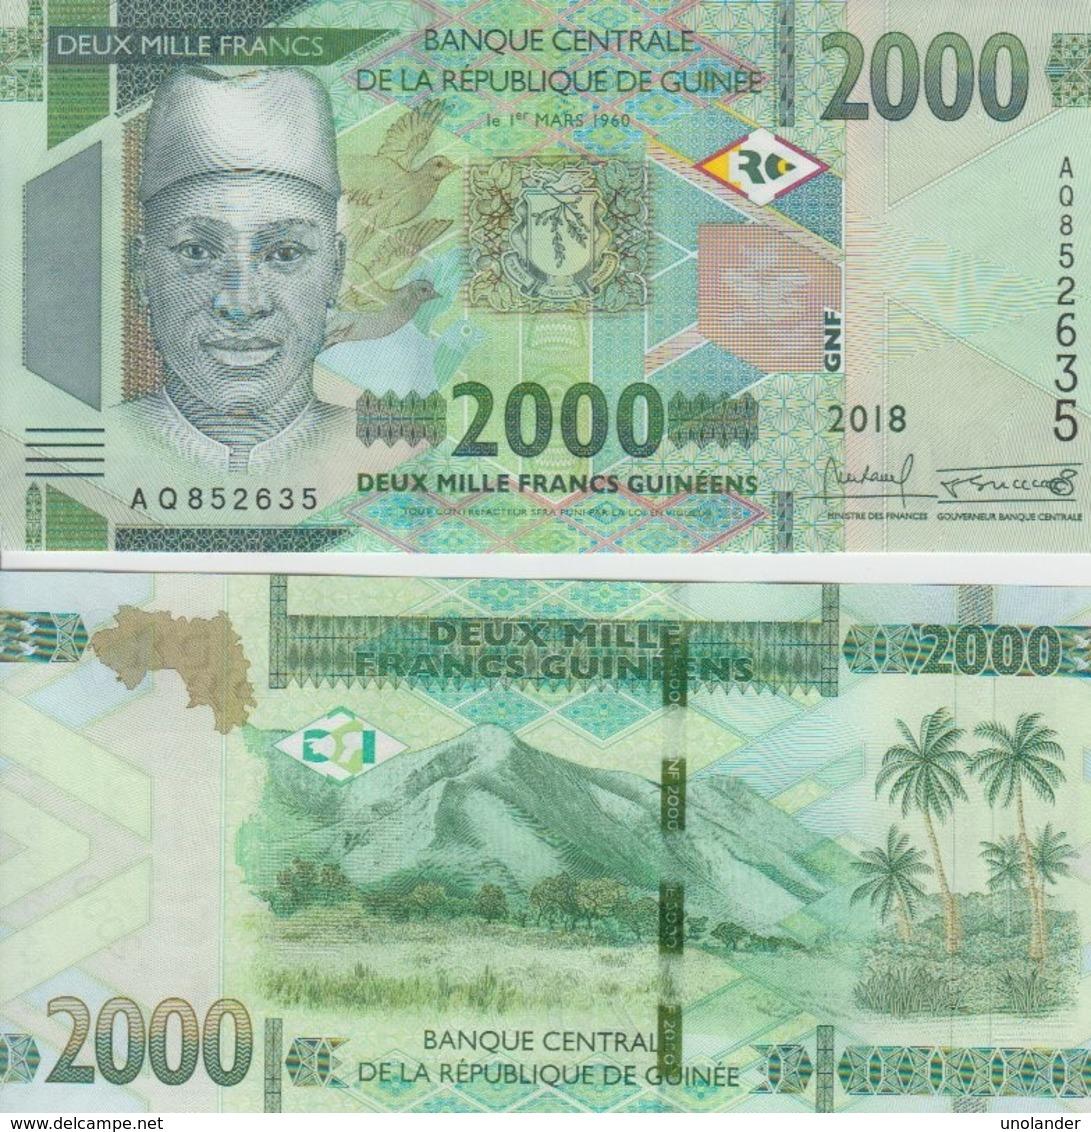 Guinea 2000 Francs 2018 P New UNC - Guinea